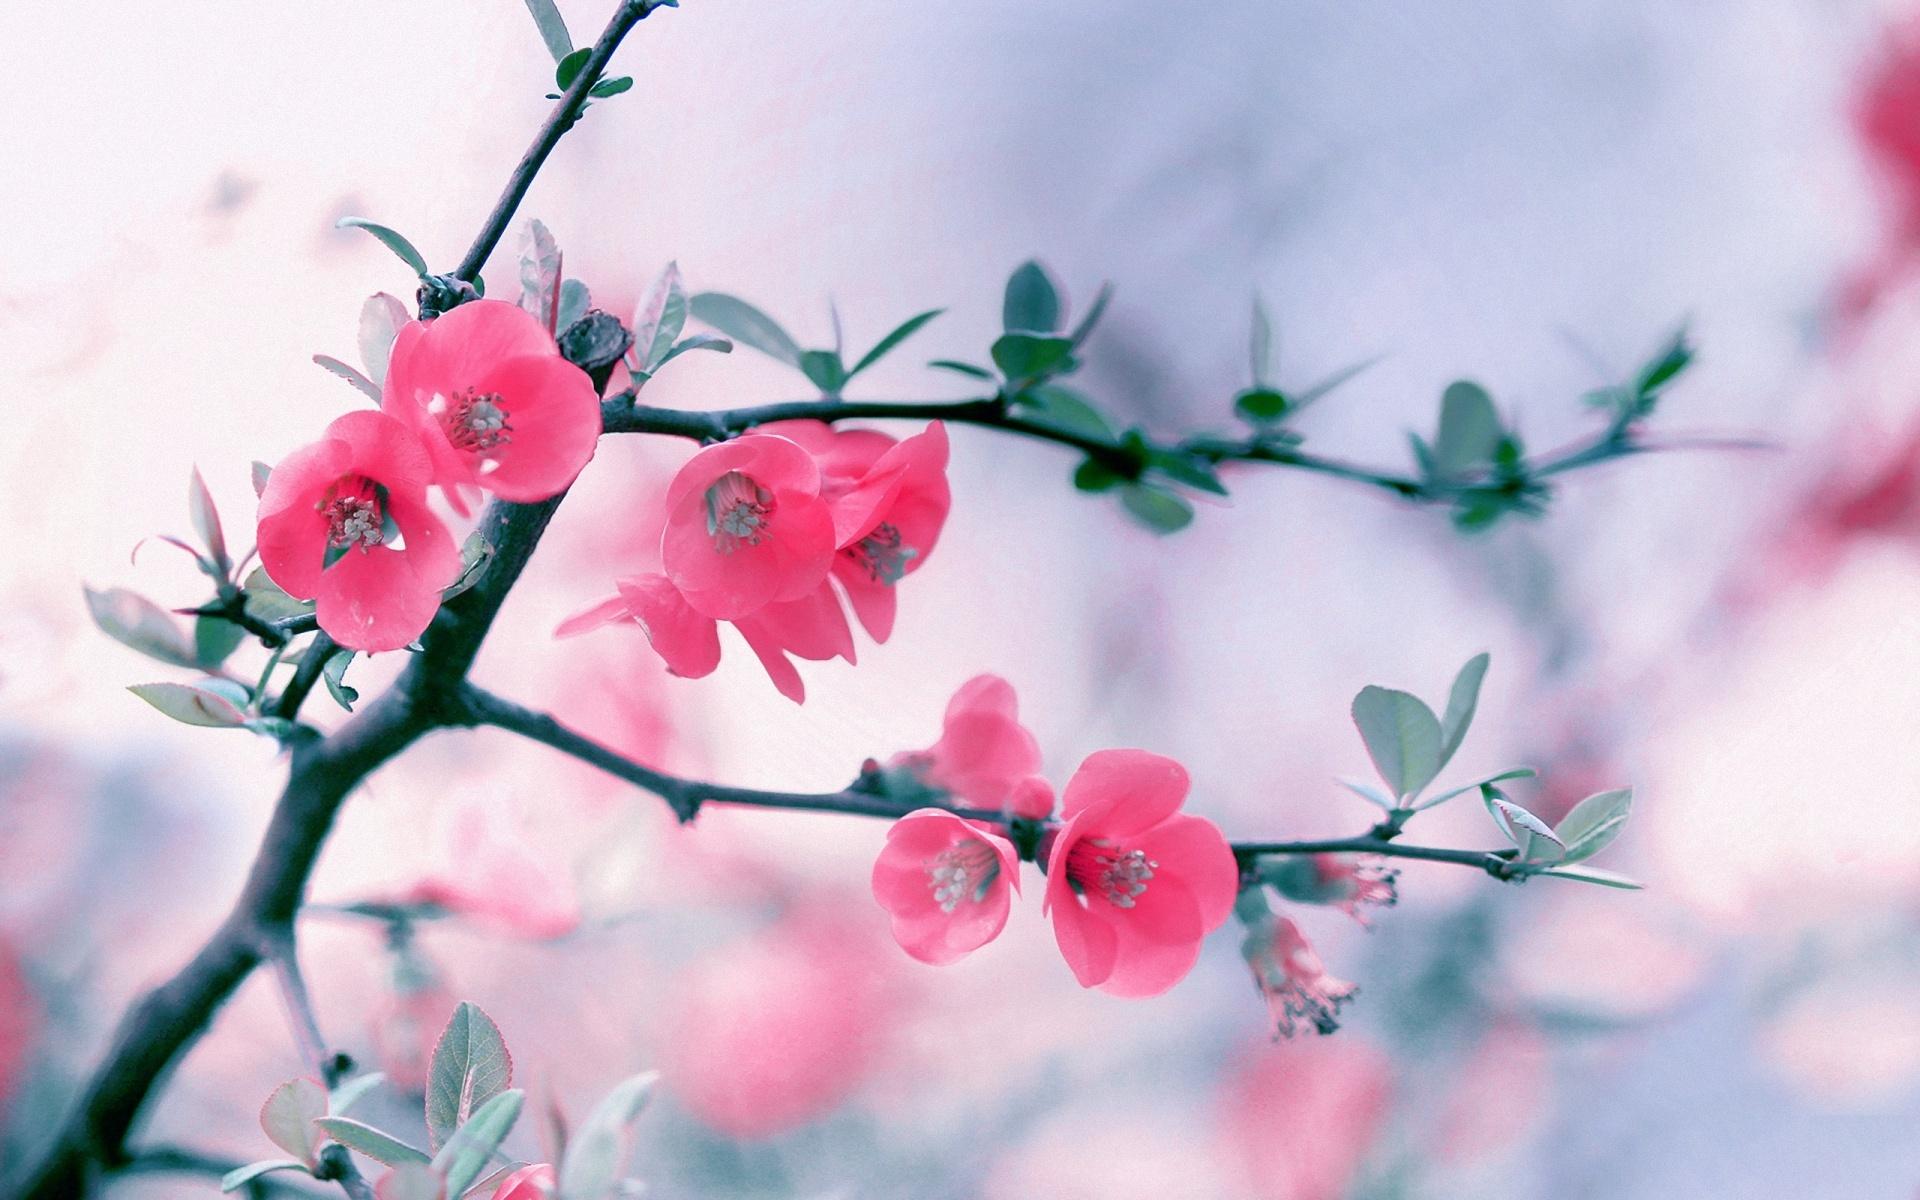 Flower Tumblr wallpaper